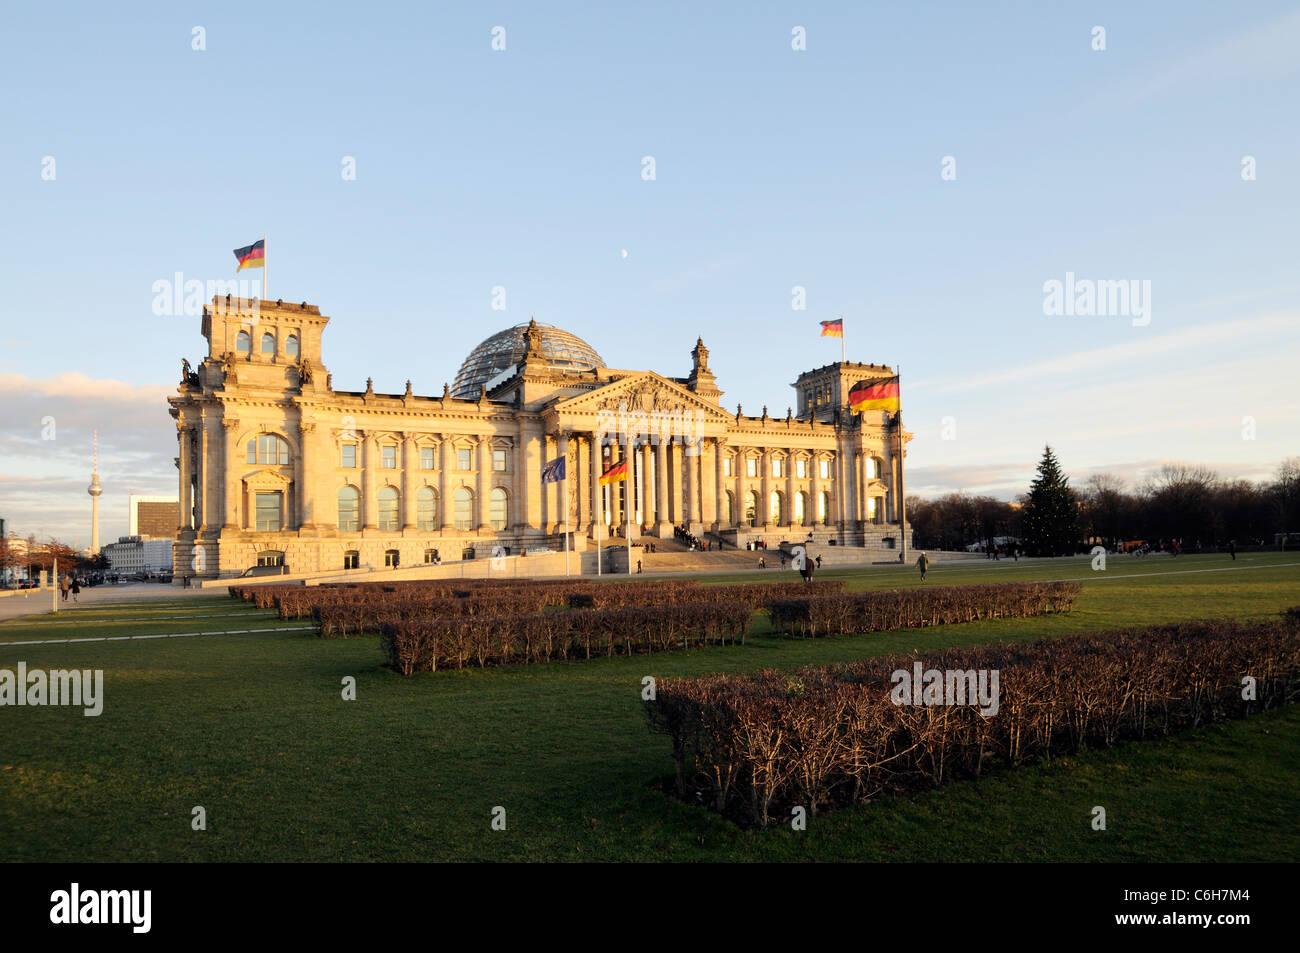 Warmen Abend Sonnenlicht beleuchtet den mächtigen Reichstag mit klaren, blauen Himmel und Fahnen. Stockbild